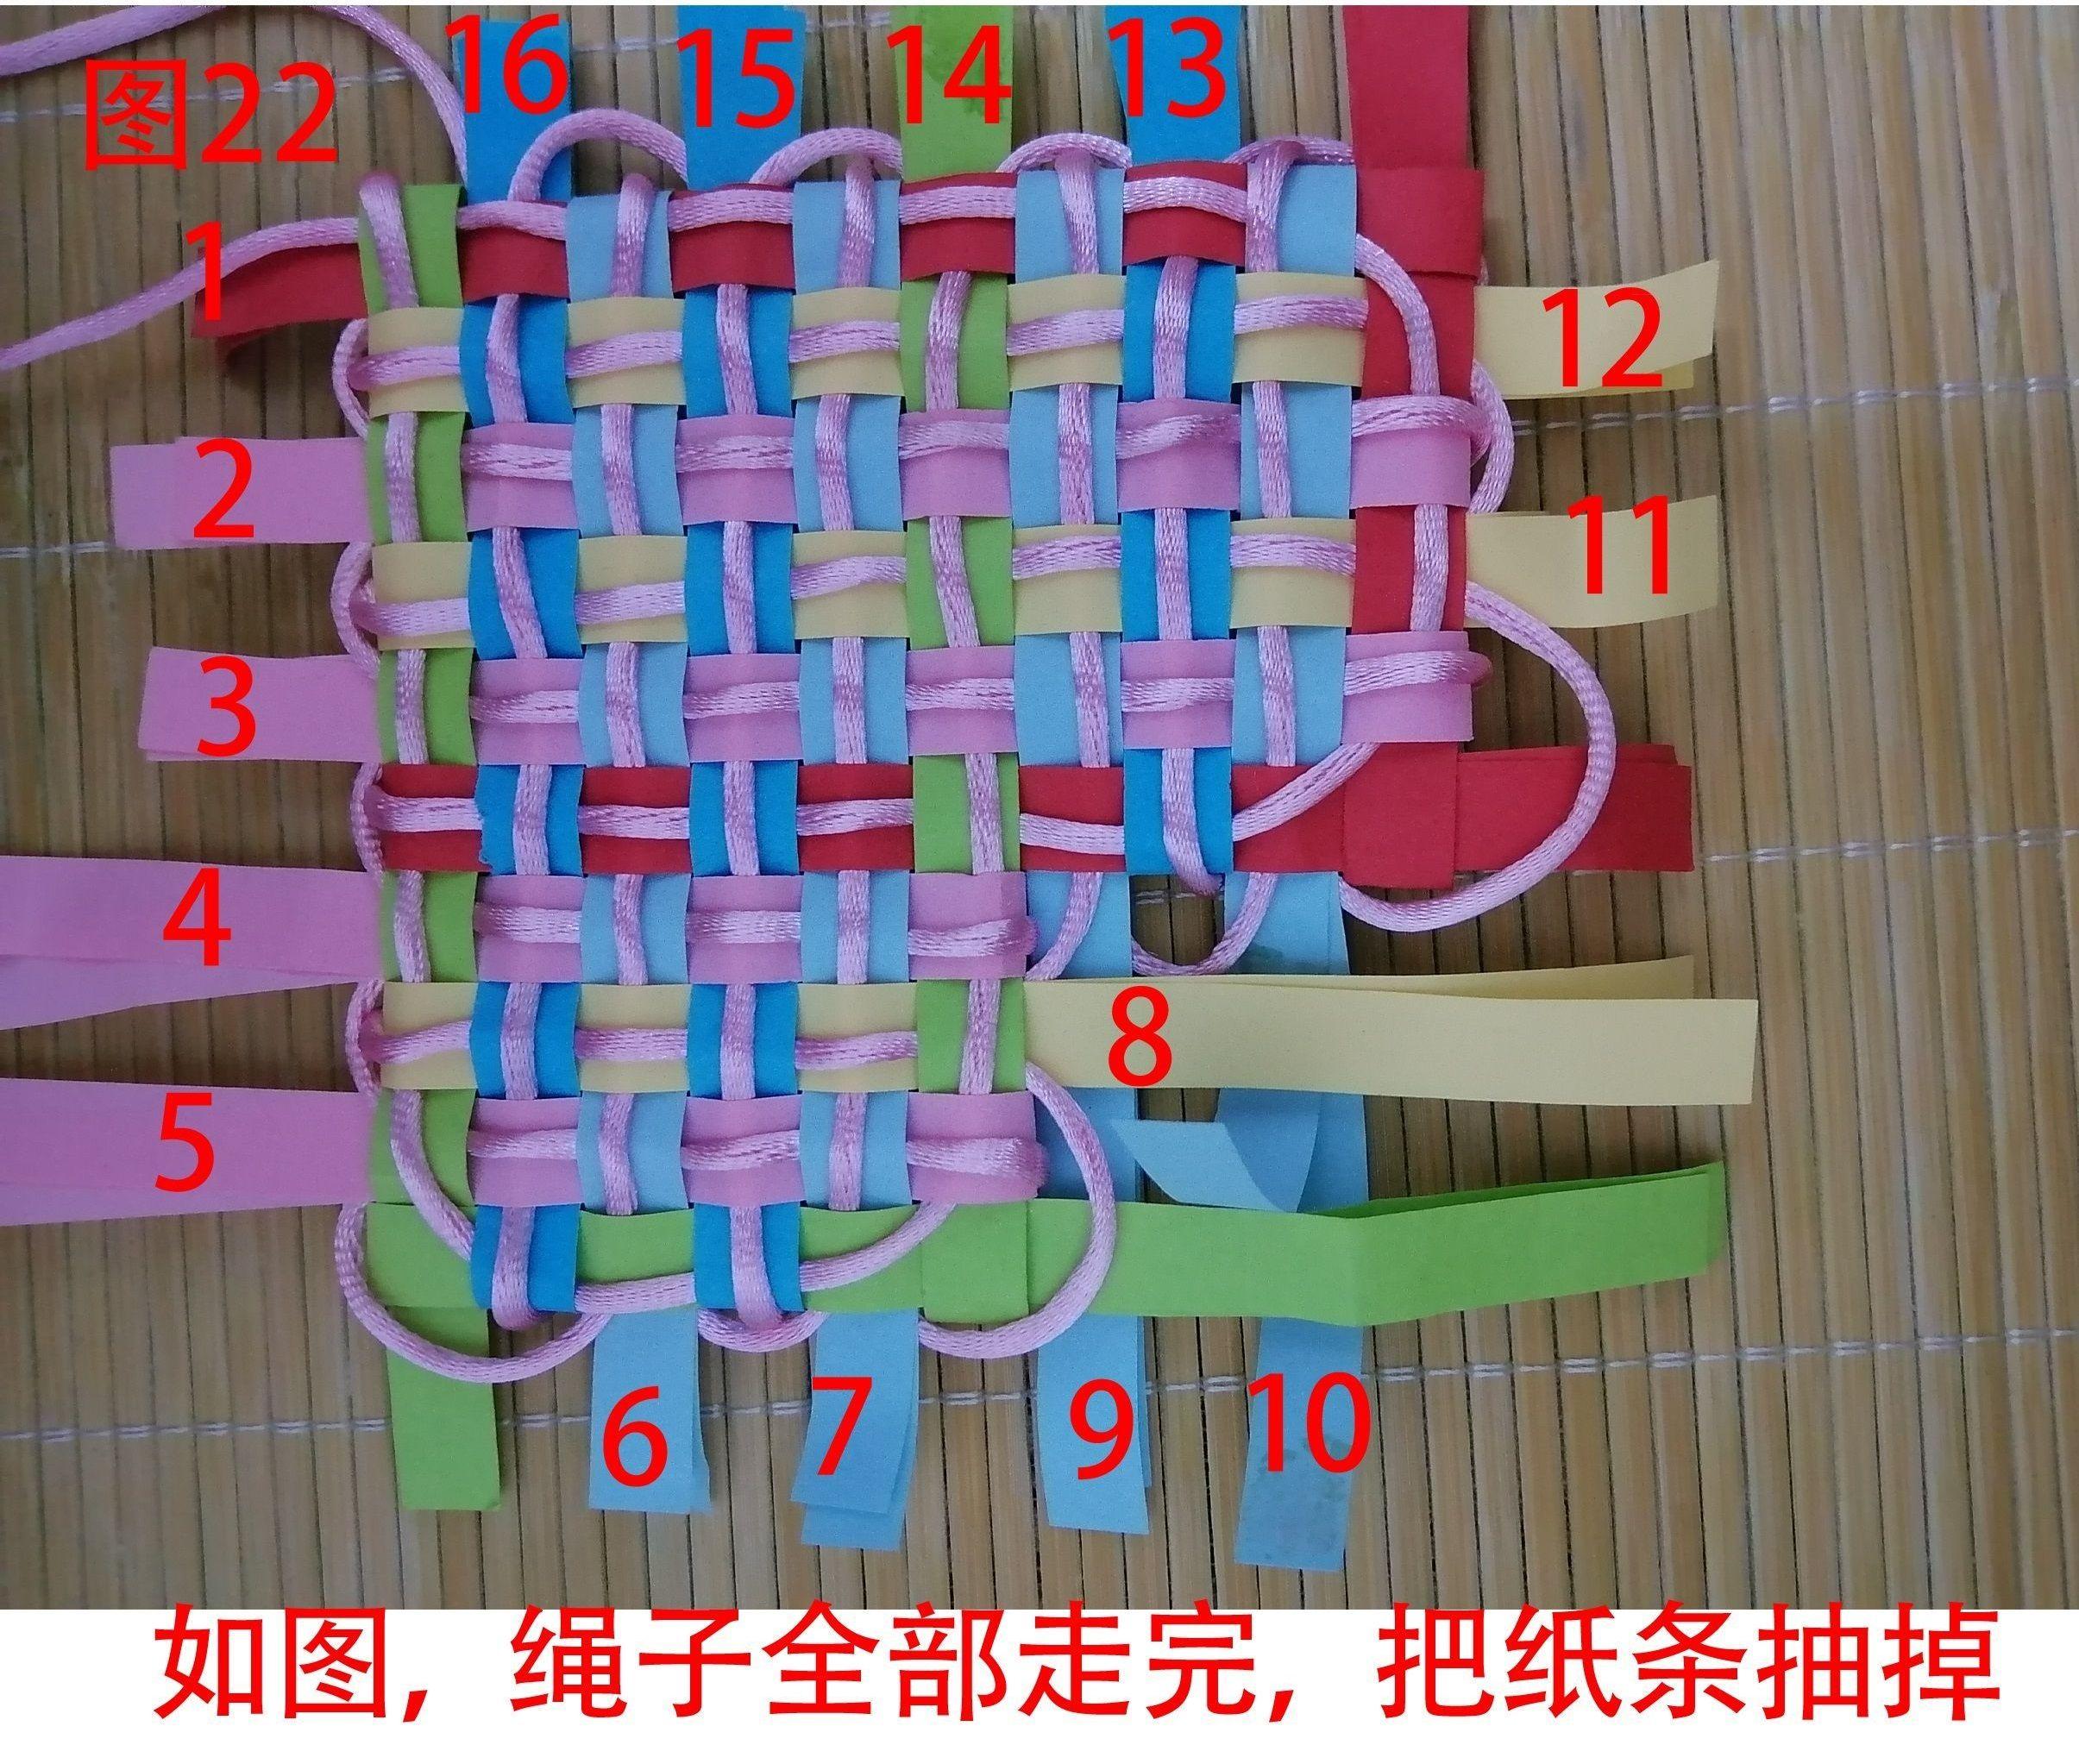 中国结论坛 爱心形状的中国结2(利用纸条编的) 四绳怎么编爱心,心形中国结制作教程,爱心中国结的编法图解,我爱你组成的爱心形状,四根绳子编爱心 基本结-新手入门必看 001245im2704jvb7z0bm25